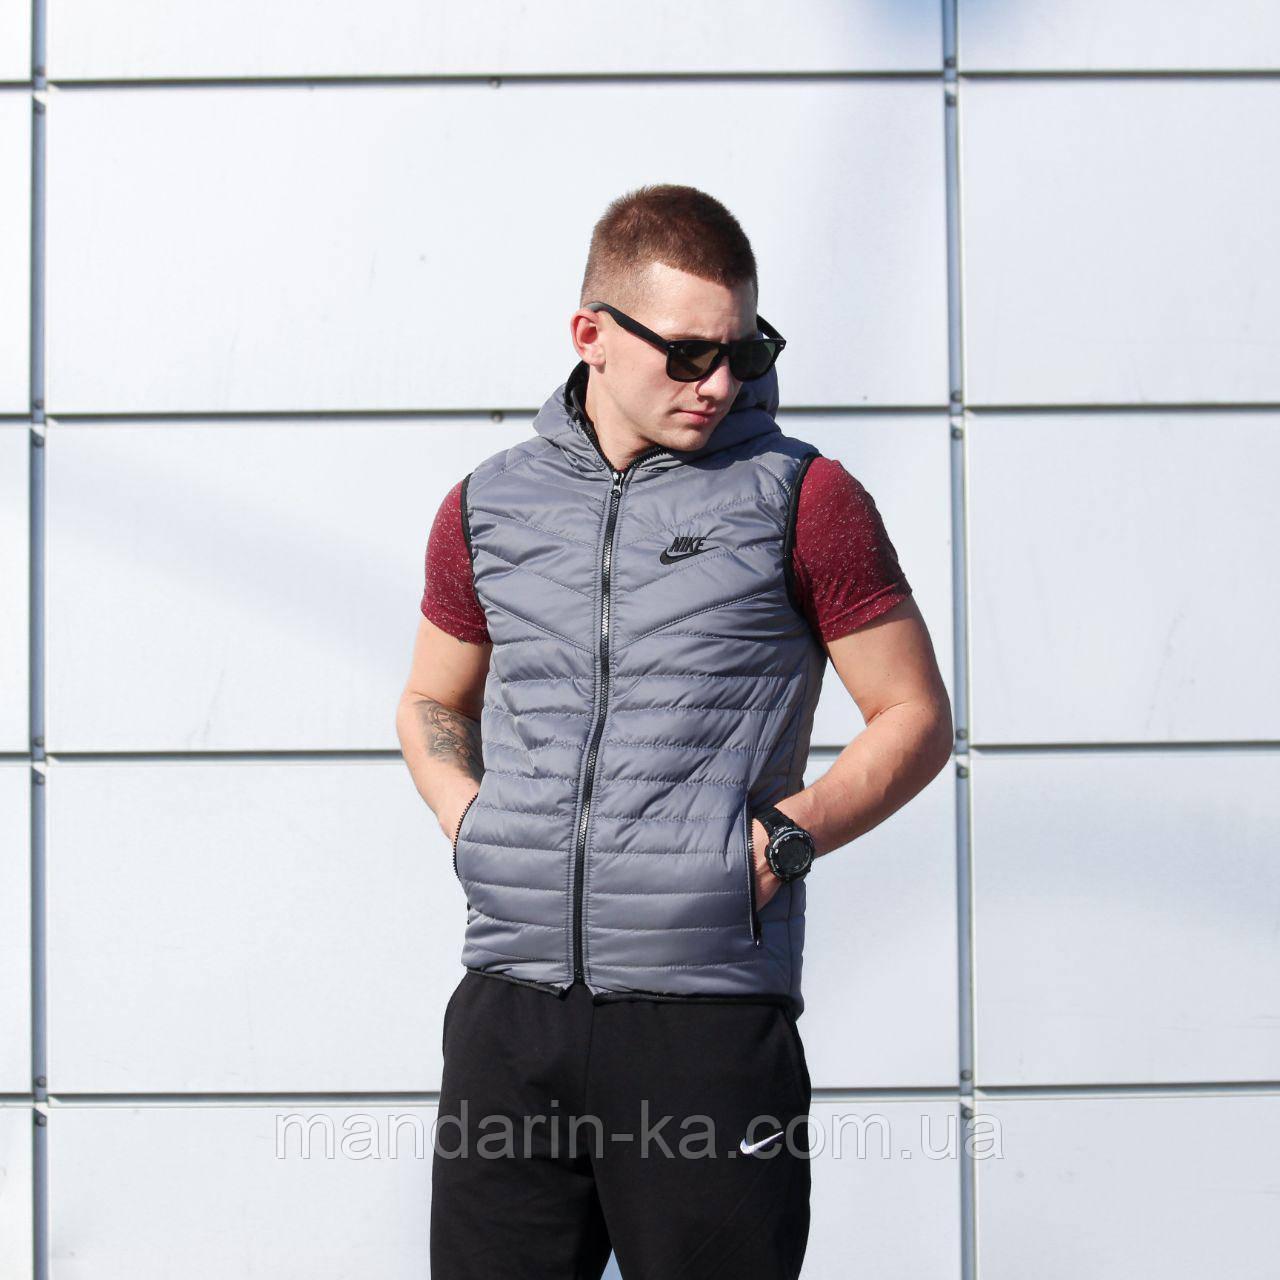 ad563f15 Мужской жилет Nike Найк серый (реплика), цена 599 грн., купить в ...